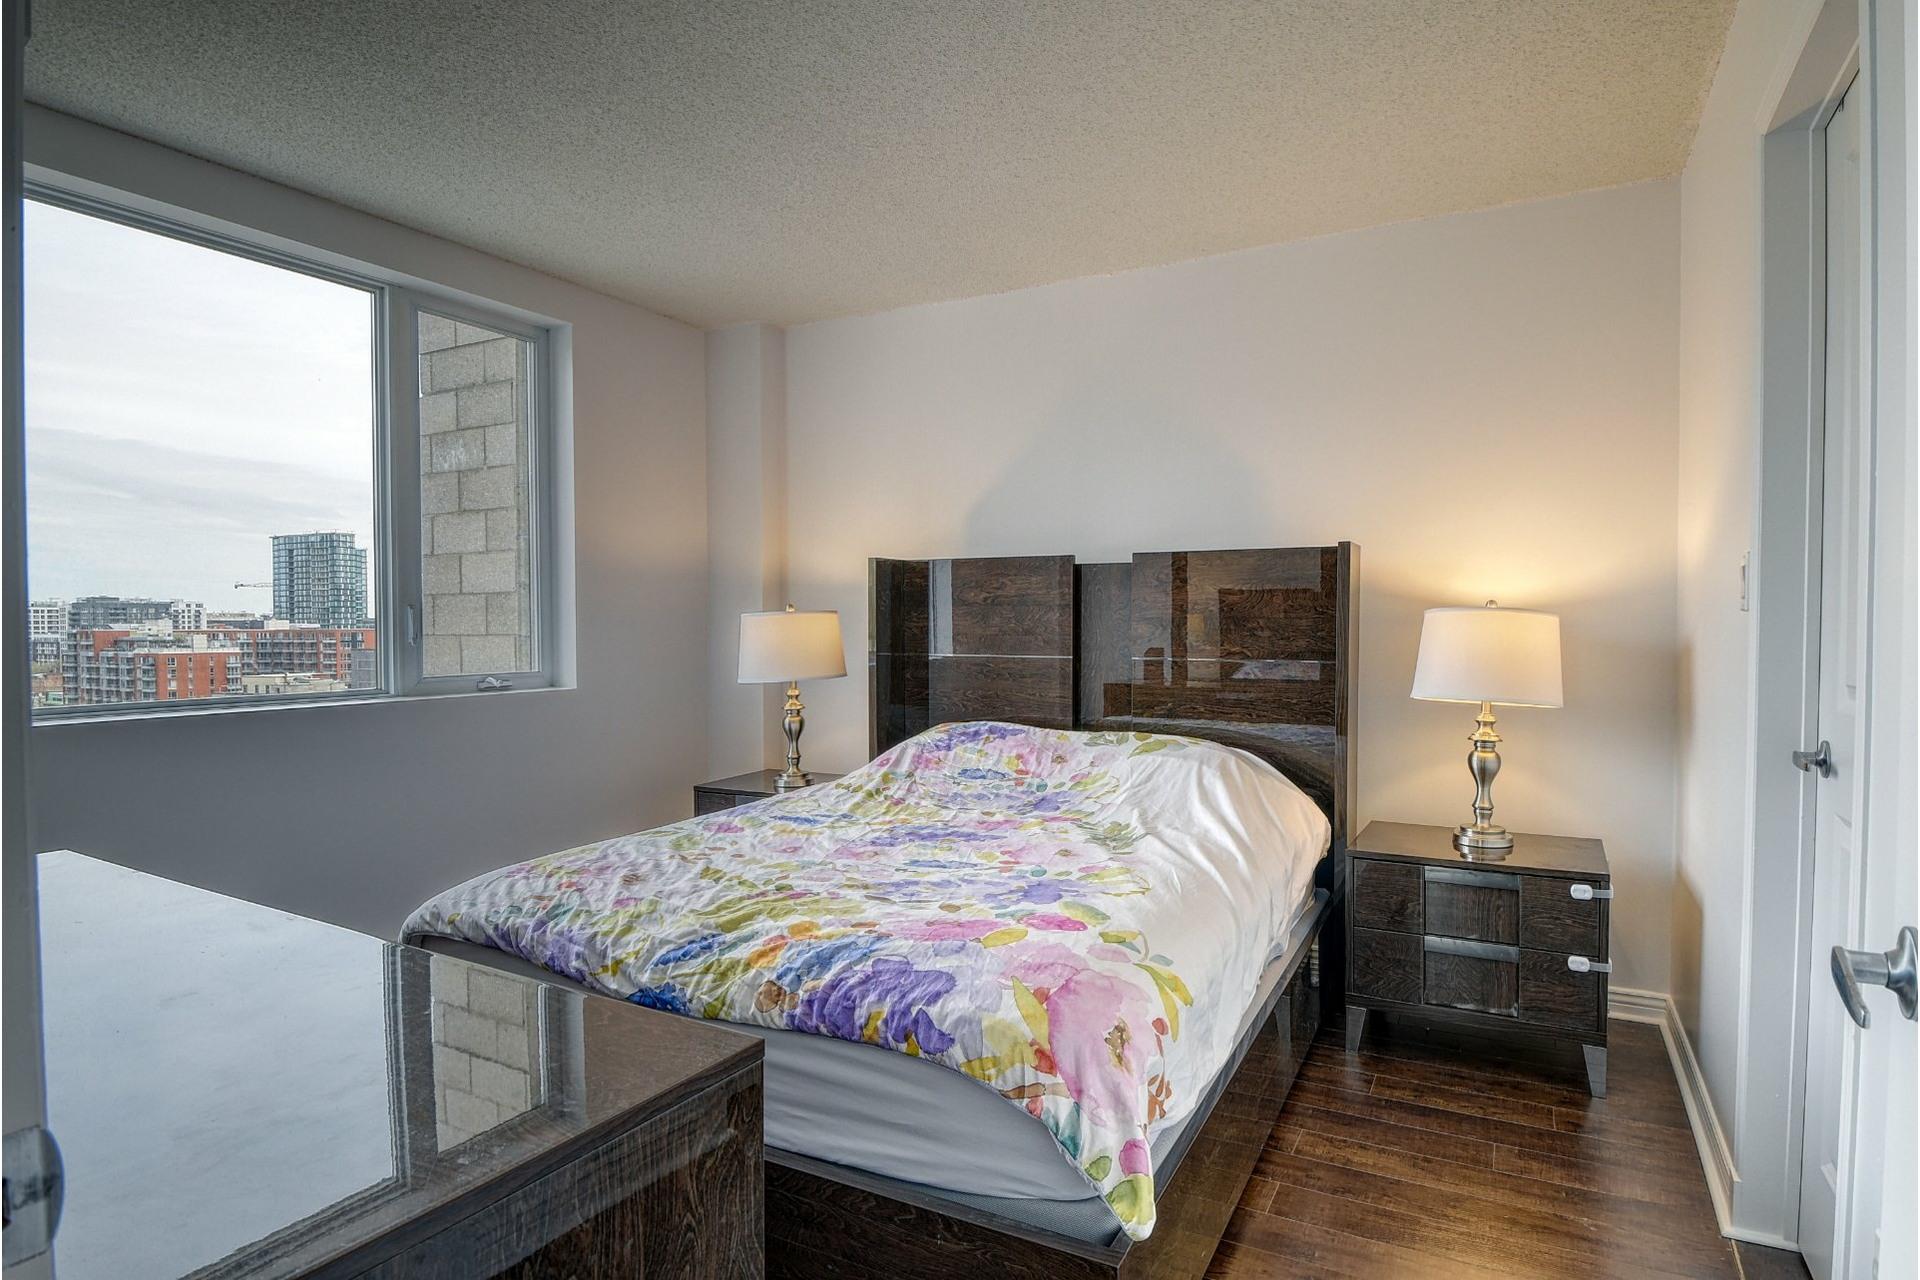 image 10 - Appartement À vendre Ville-Marie Montréal  - 4 pièces